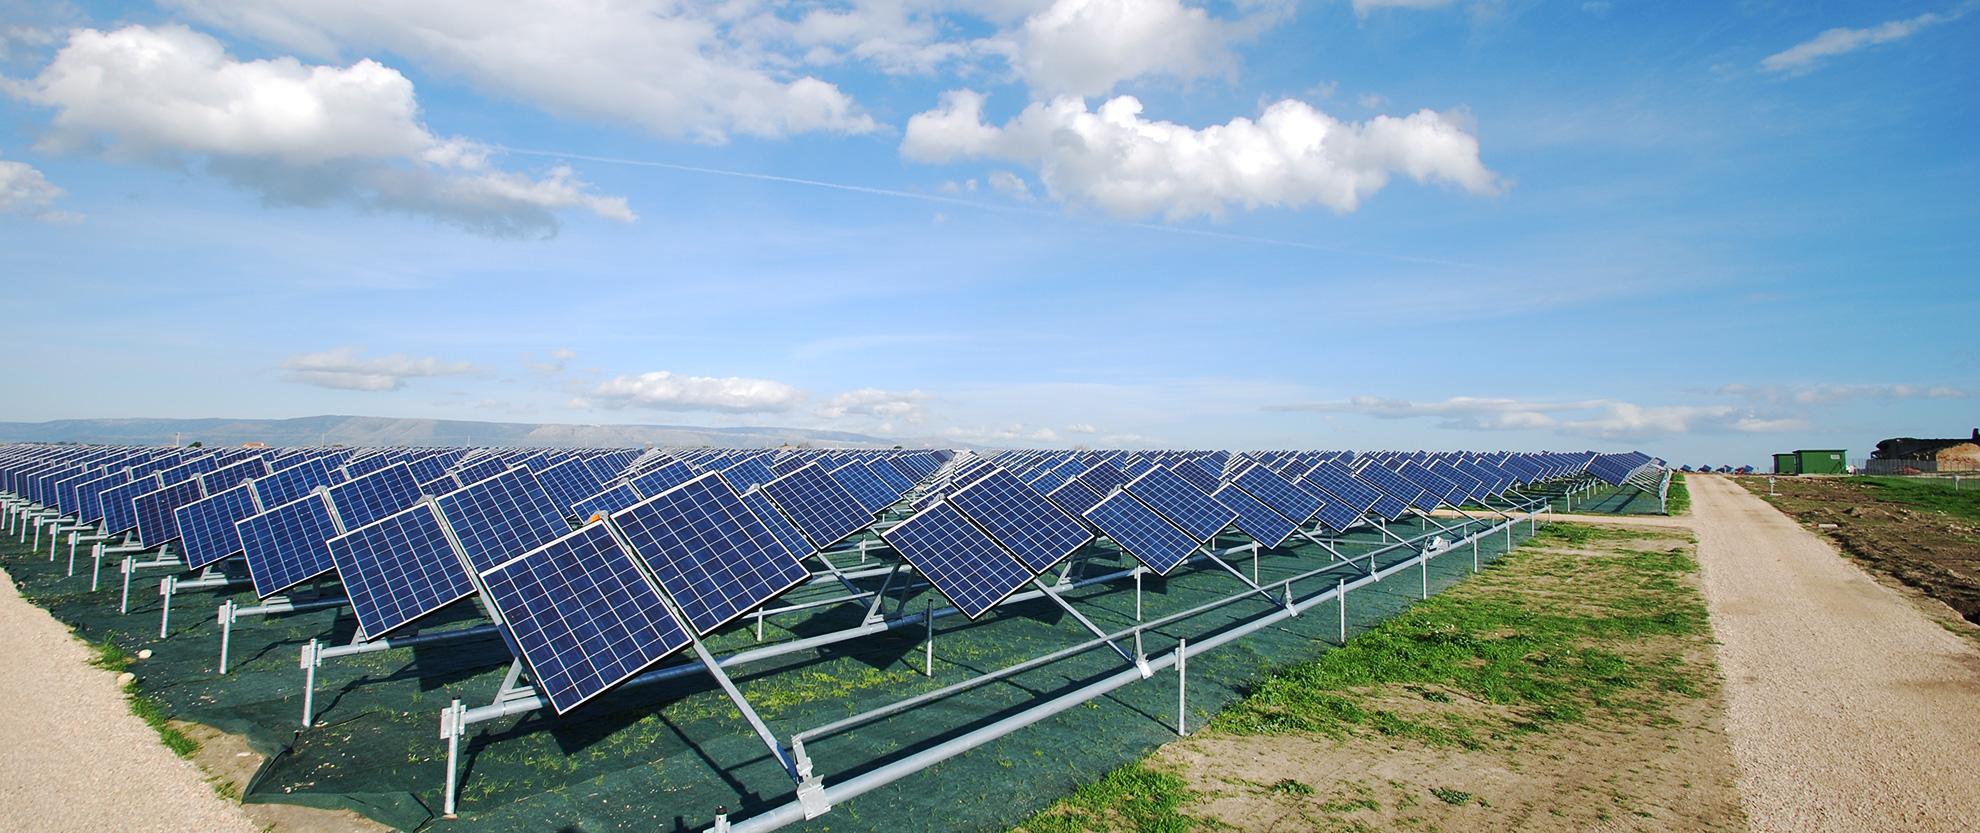 Pannelli solari energia eolica